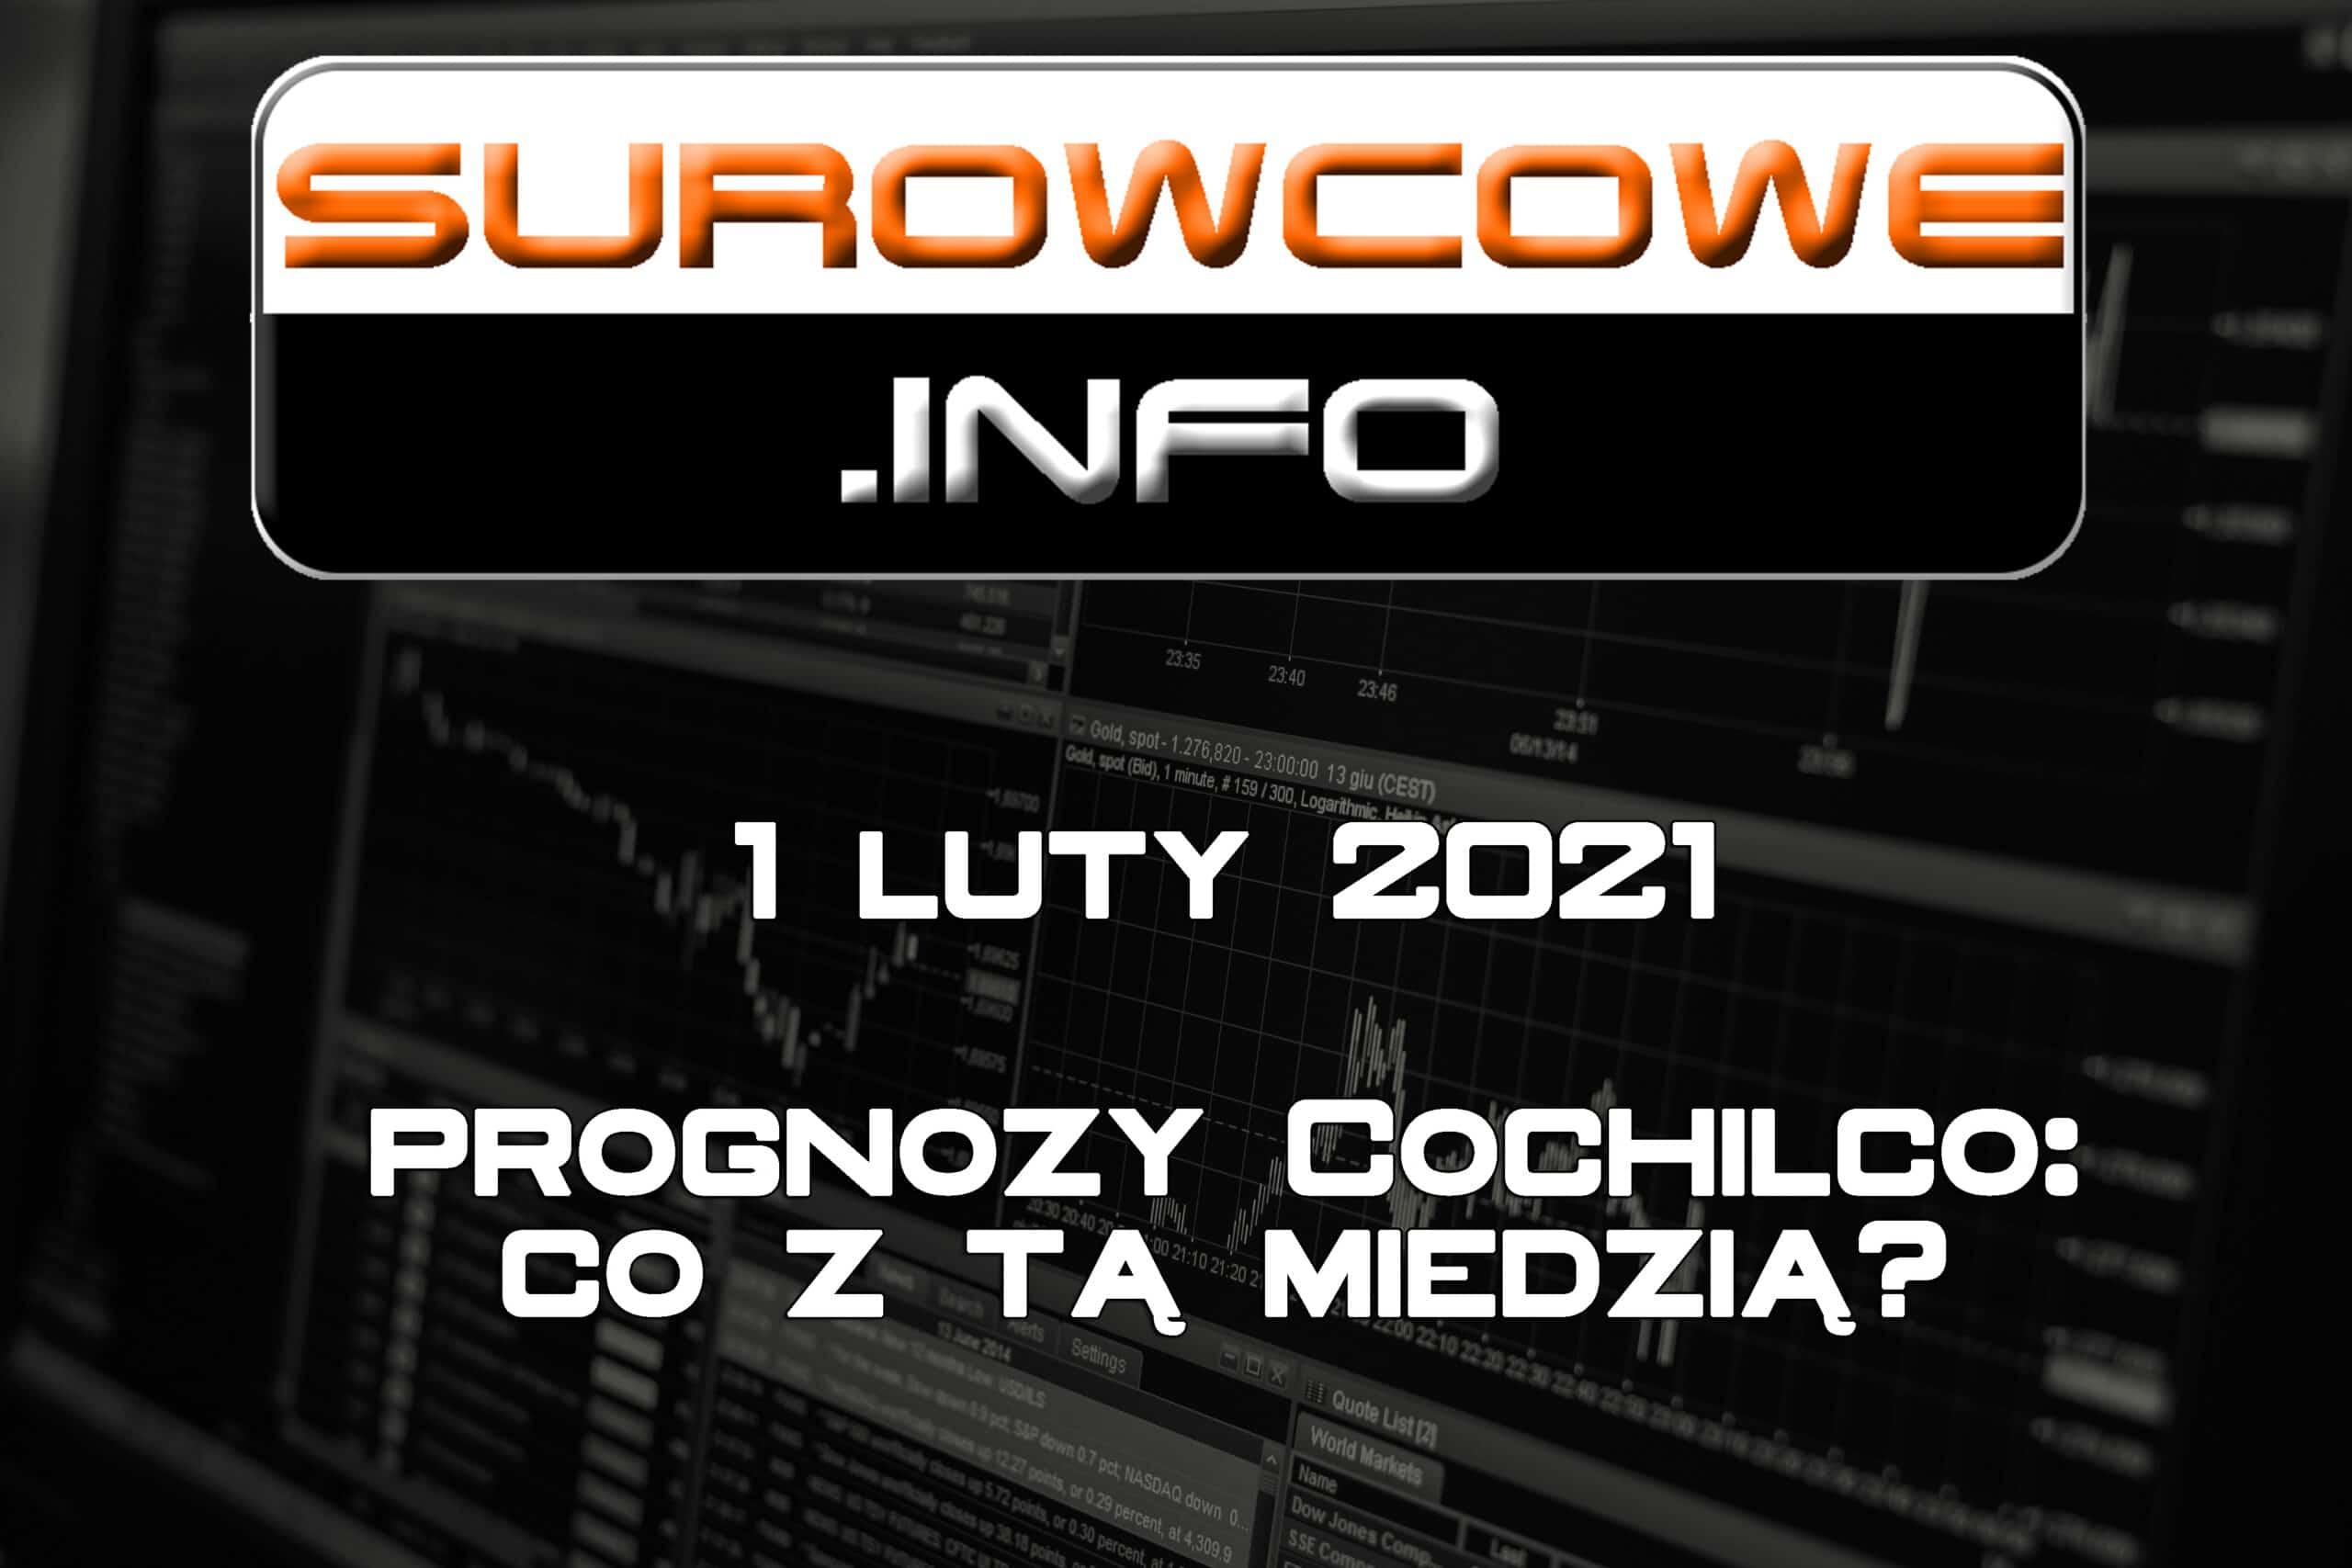 Surowcowe.info 01/02/2021 – prognozy Cochilco: co z tą miedzią?